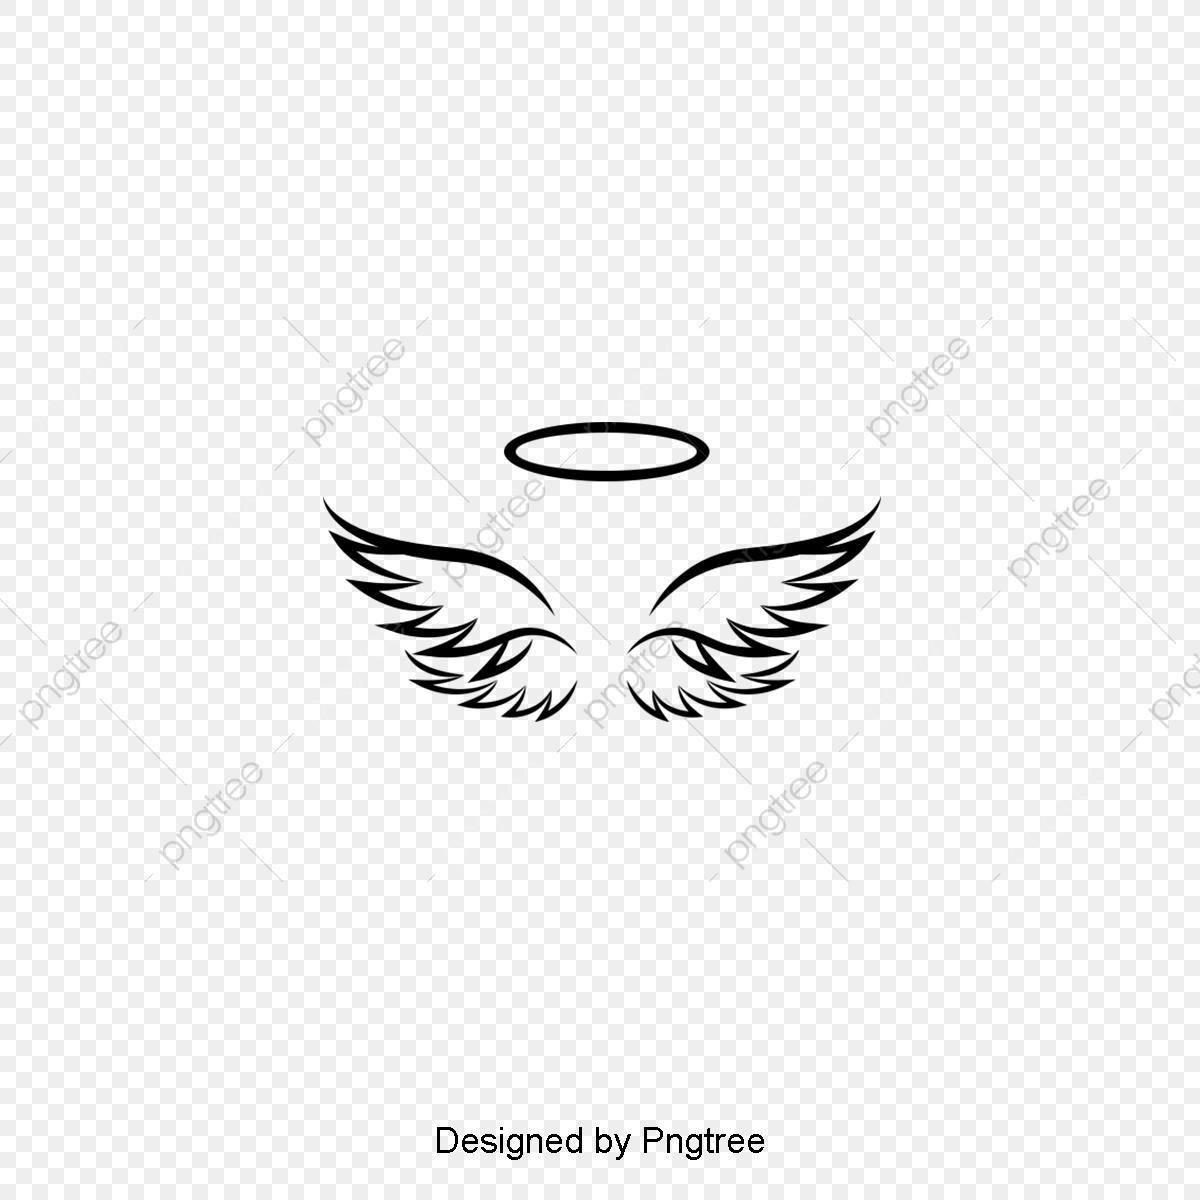 Desenho De Asas De Anjo Silhueta Simples Minimalista Preto E